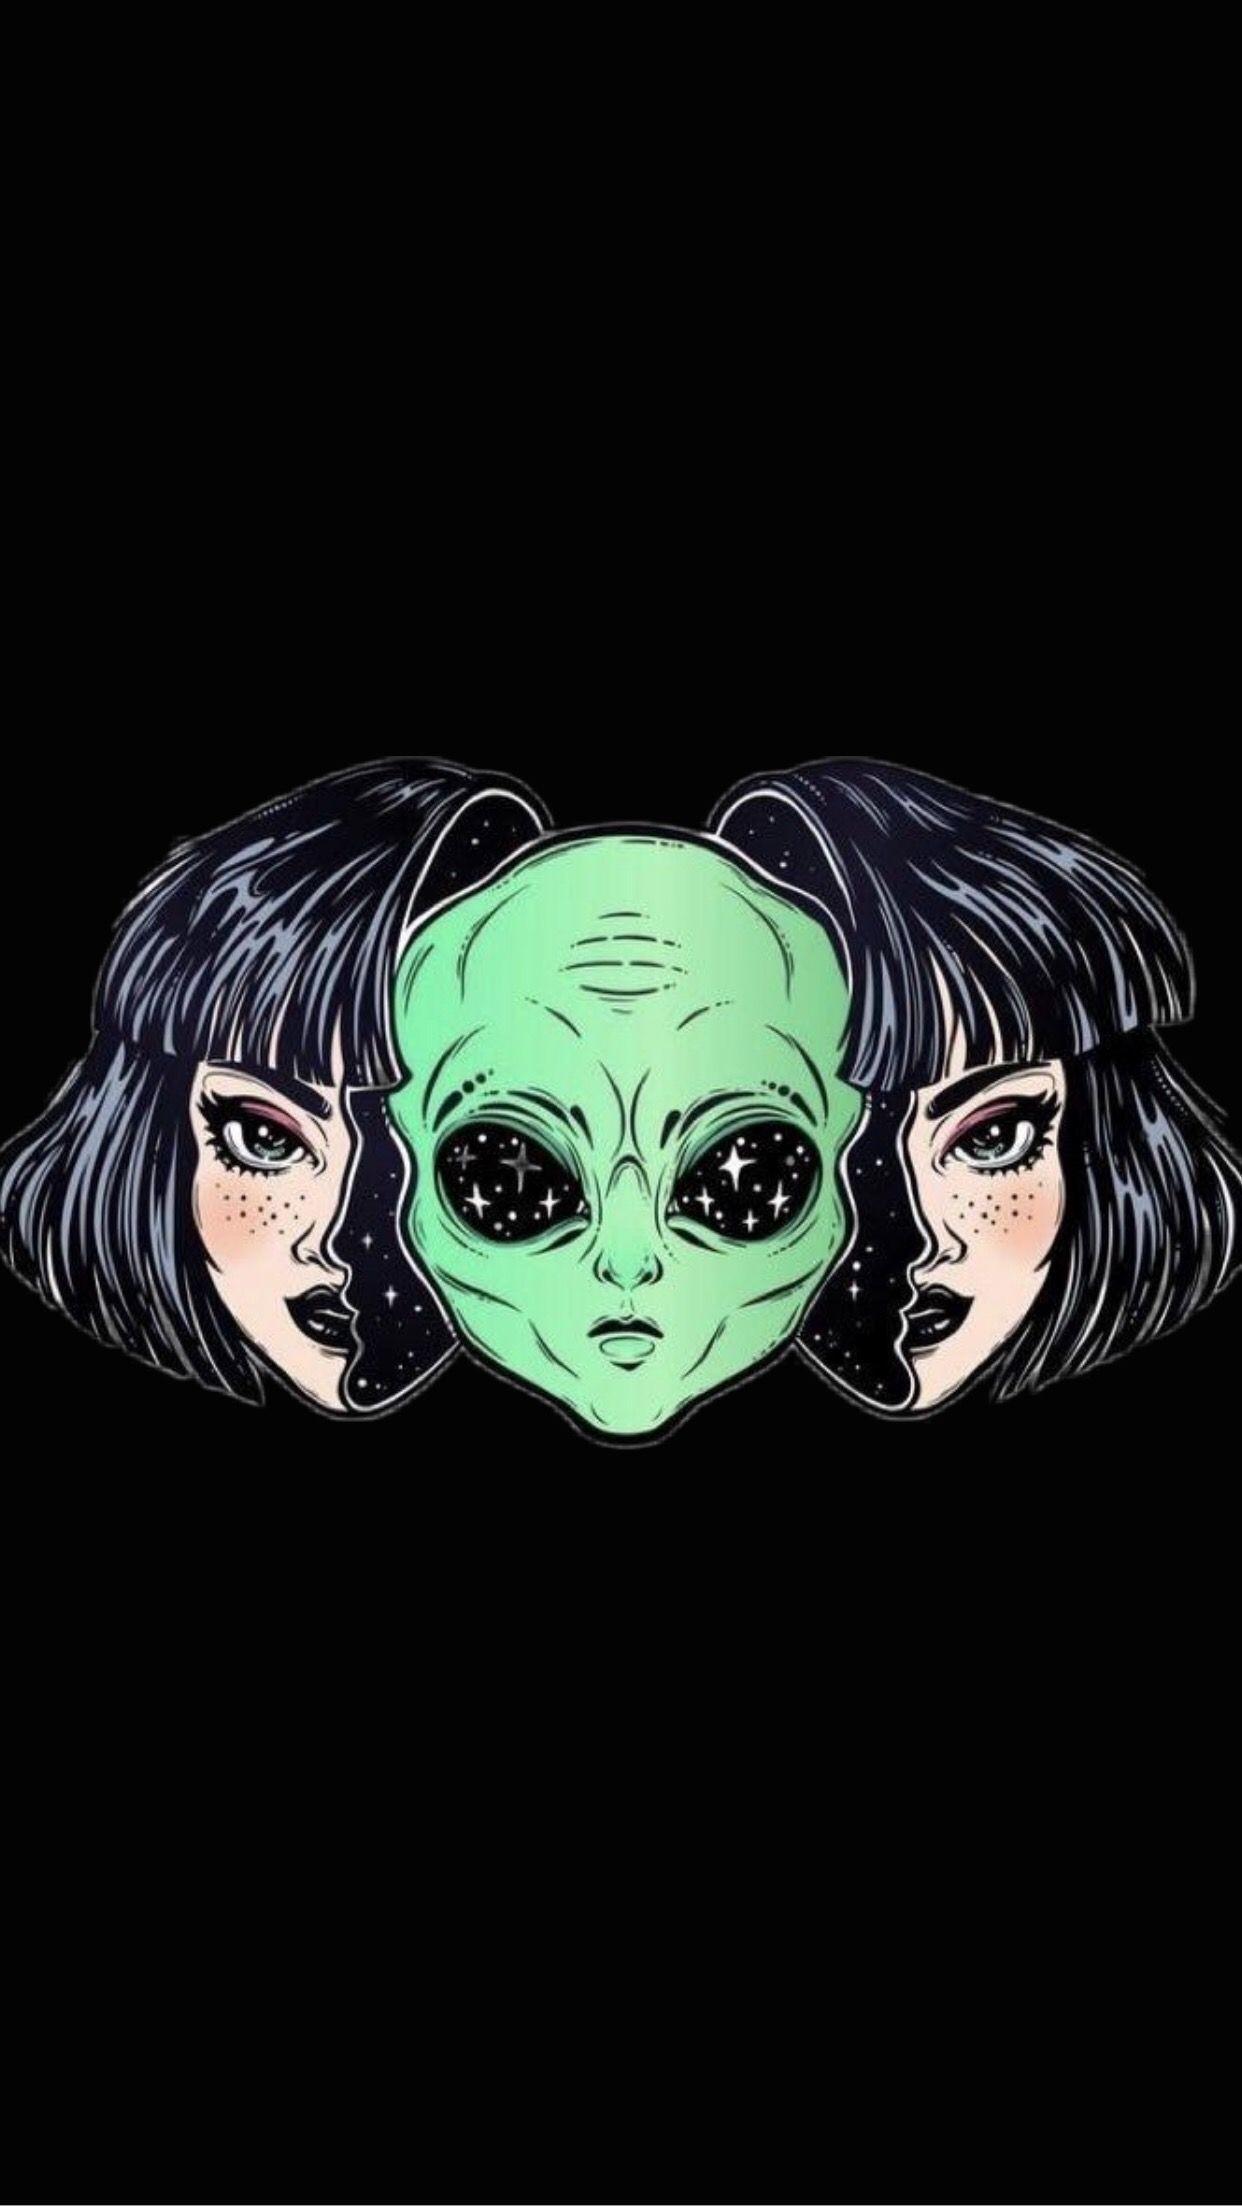 Alien Iphone Wallpaper 84 Images